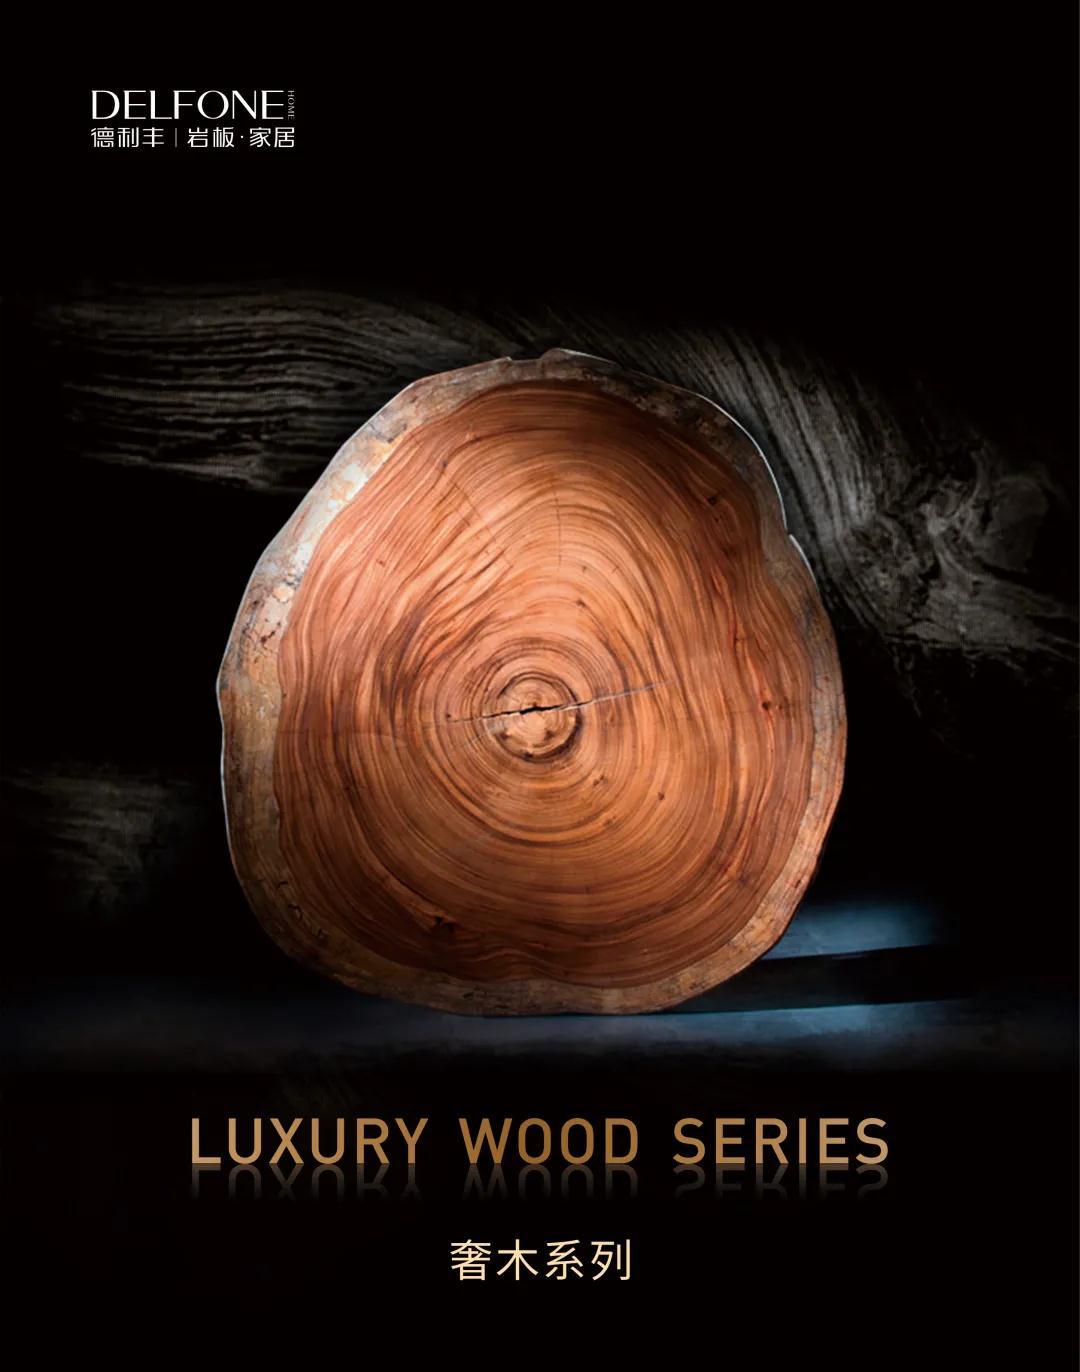 DELFONE奢木系列新品 | 乌金直纹木,与自然形态共生